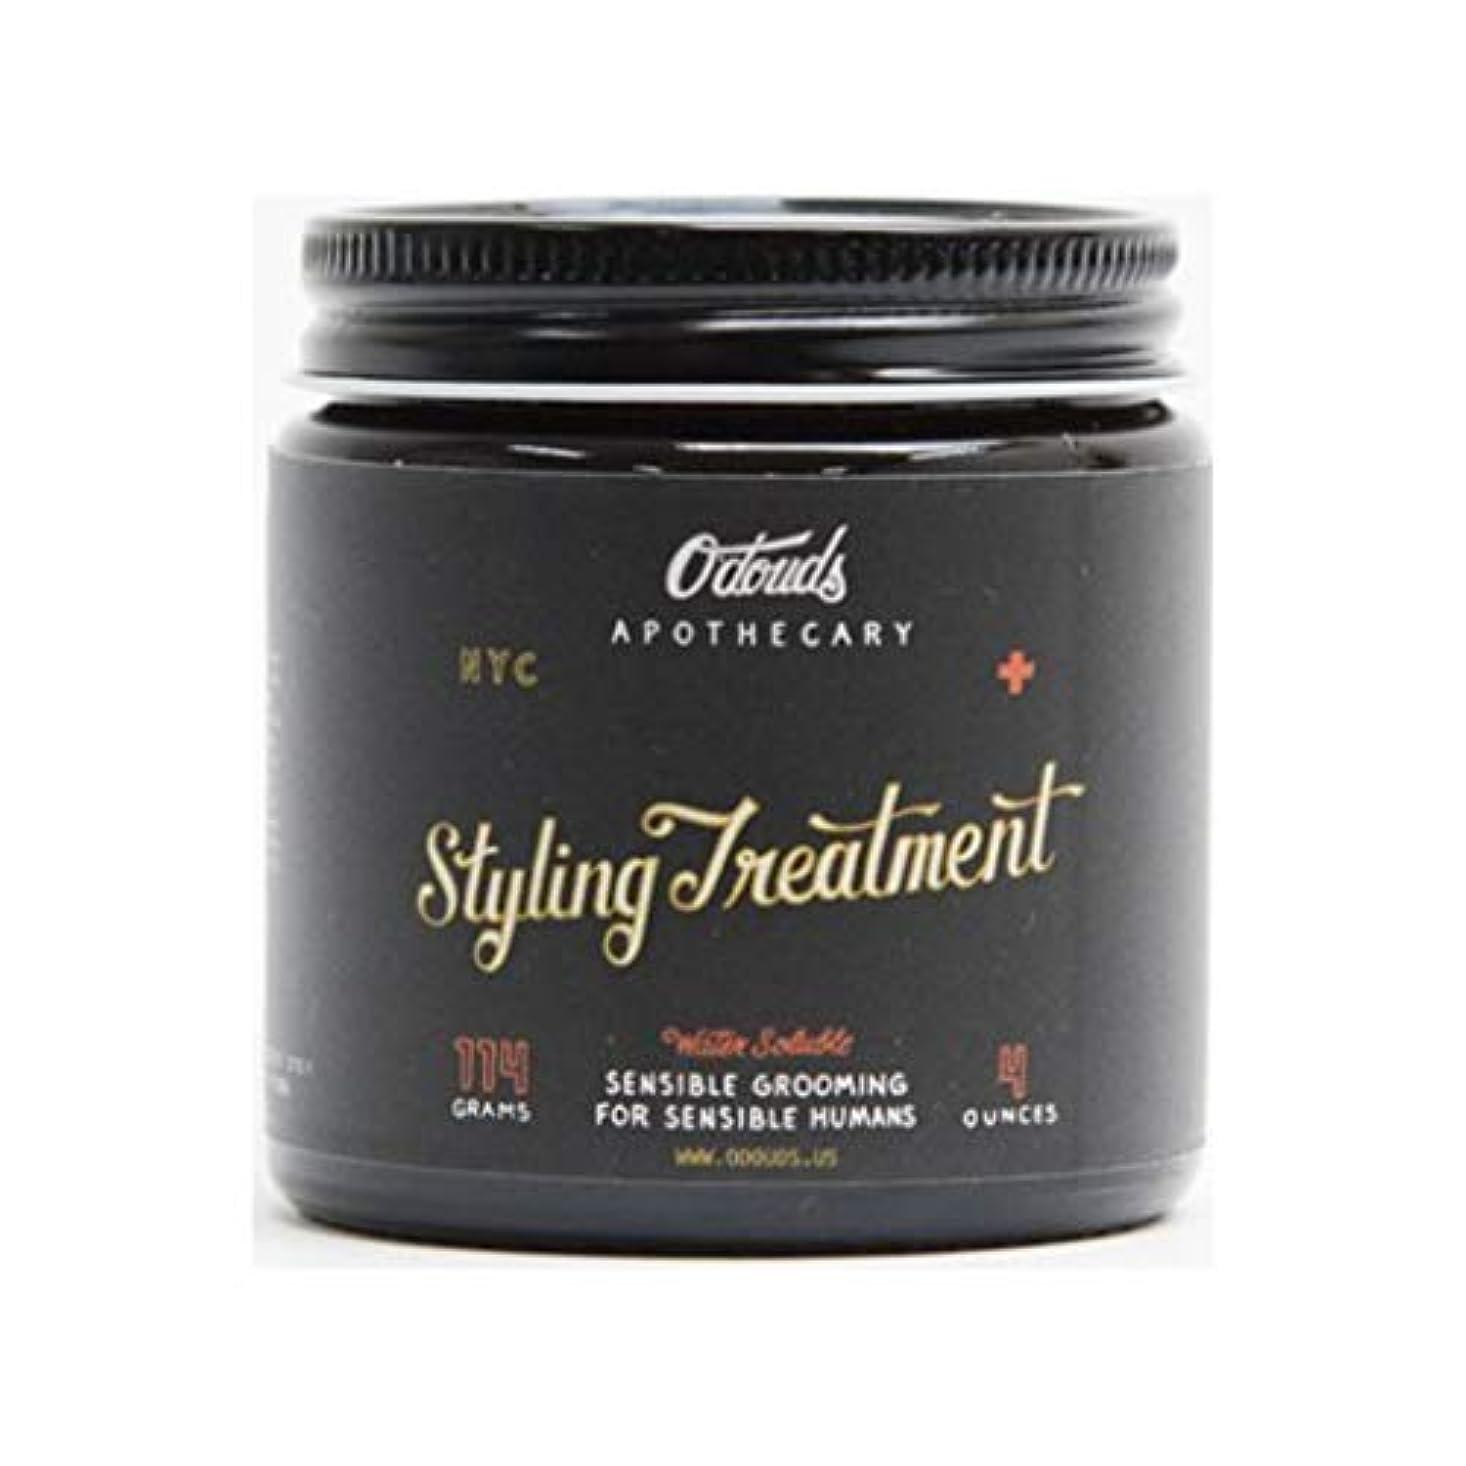 不完全な式贅沢O'Douds (オダウズ) スタイリングトリートメント STYLING TREATMENT メンズ 整髪料 水性 ポマード ヘアクリーム ヘアオイル ヘアグリース ヘアワックス ナチュラルシャイン ライトホールド ヴィーガン